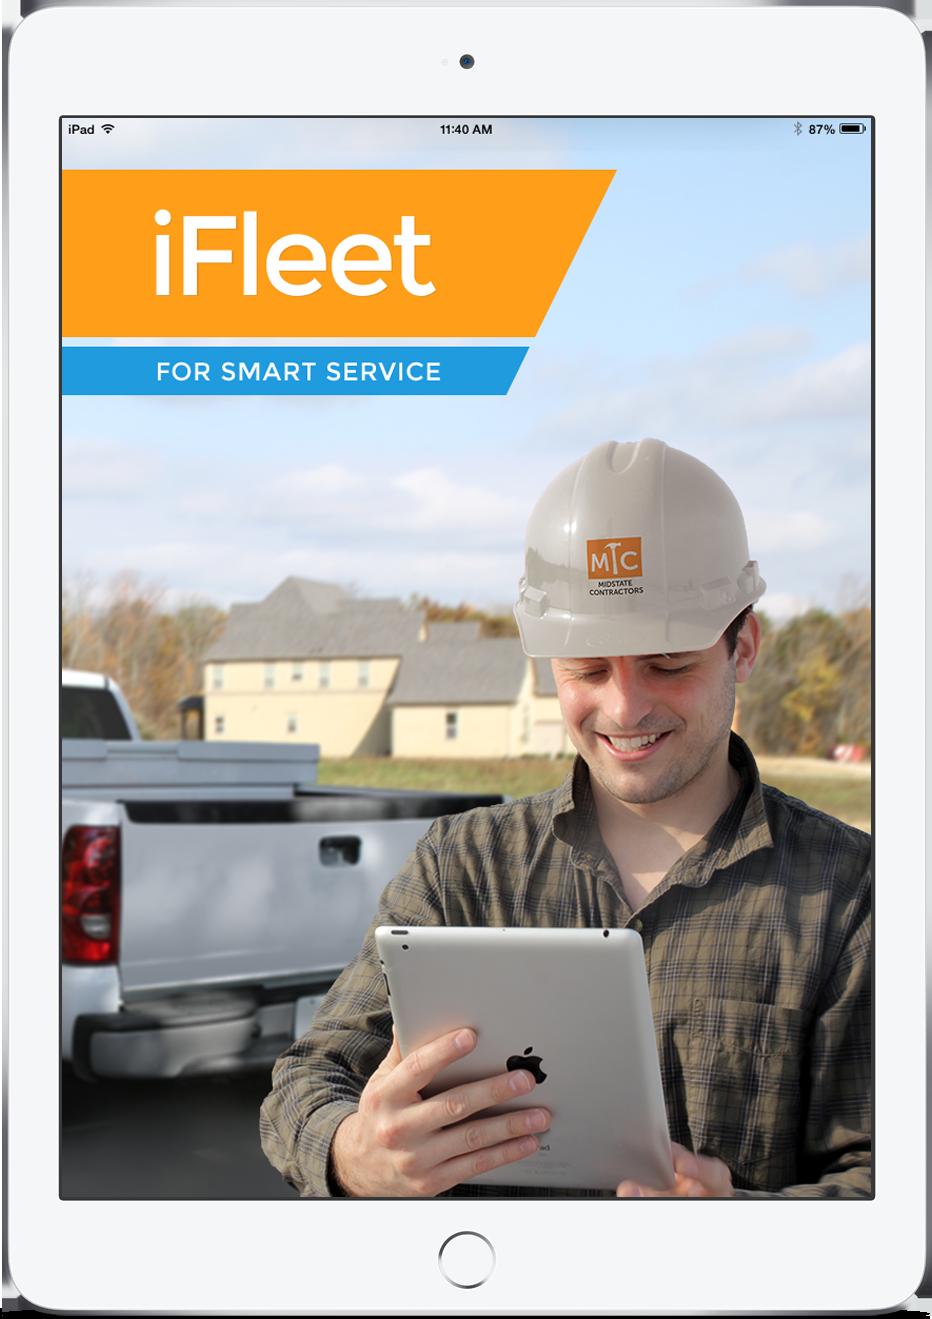 Smart Service Demo - iFleet Splash Screen